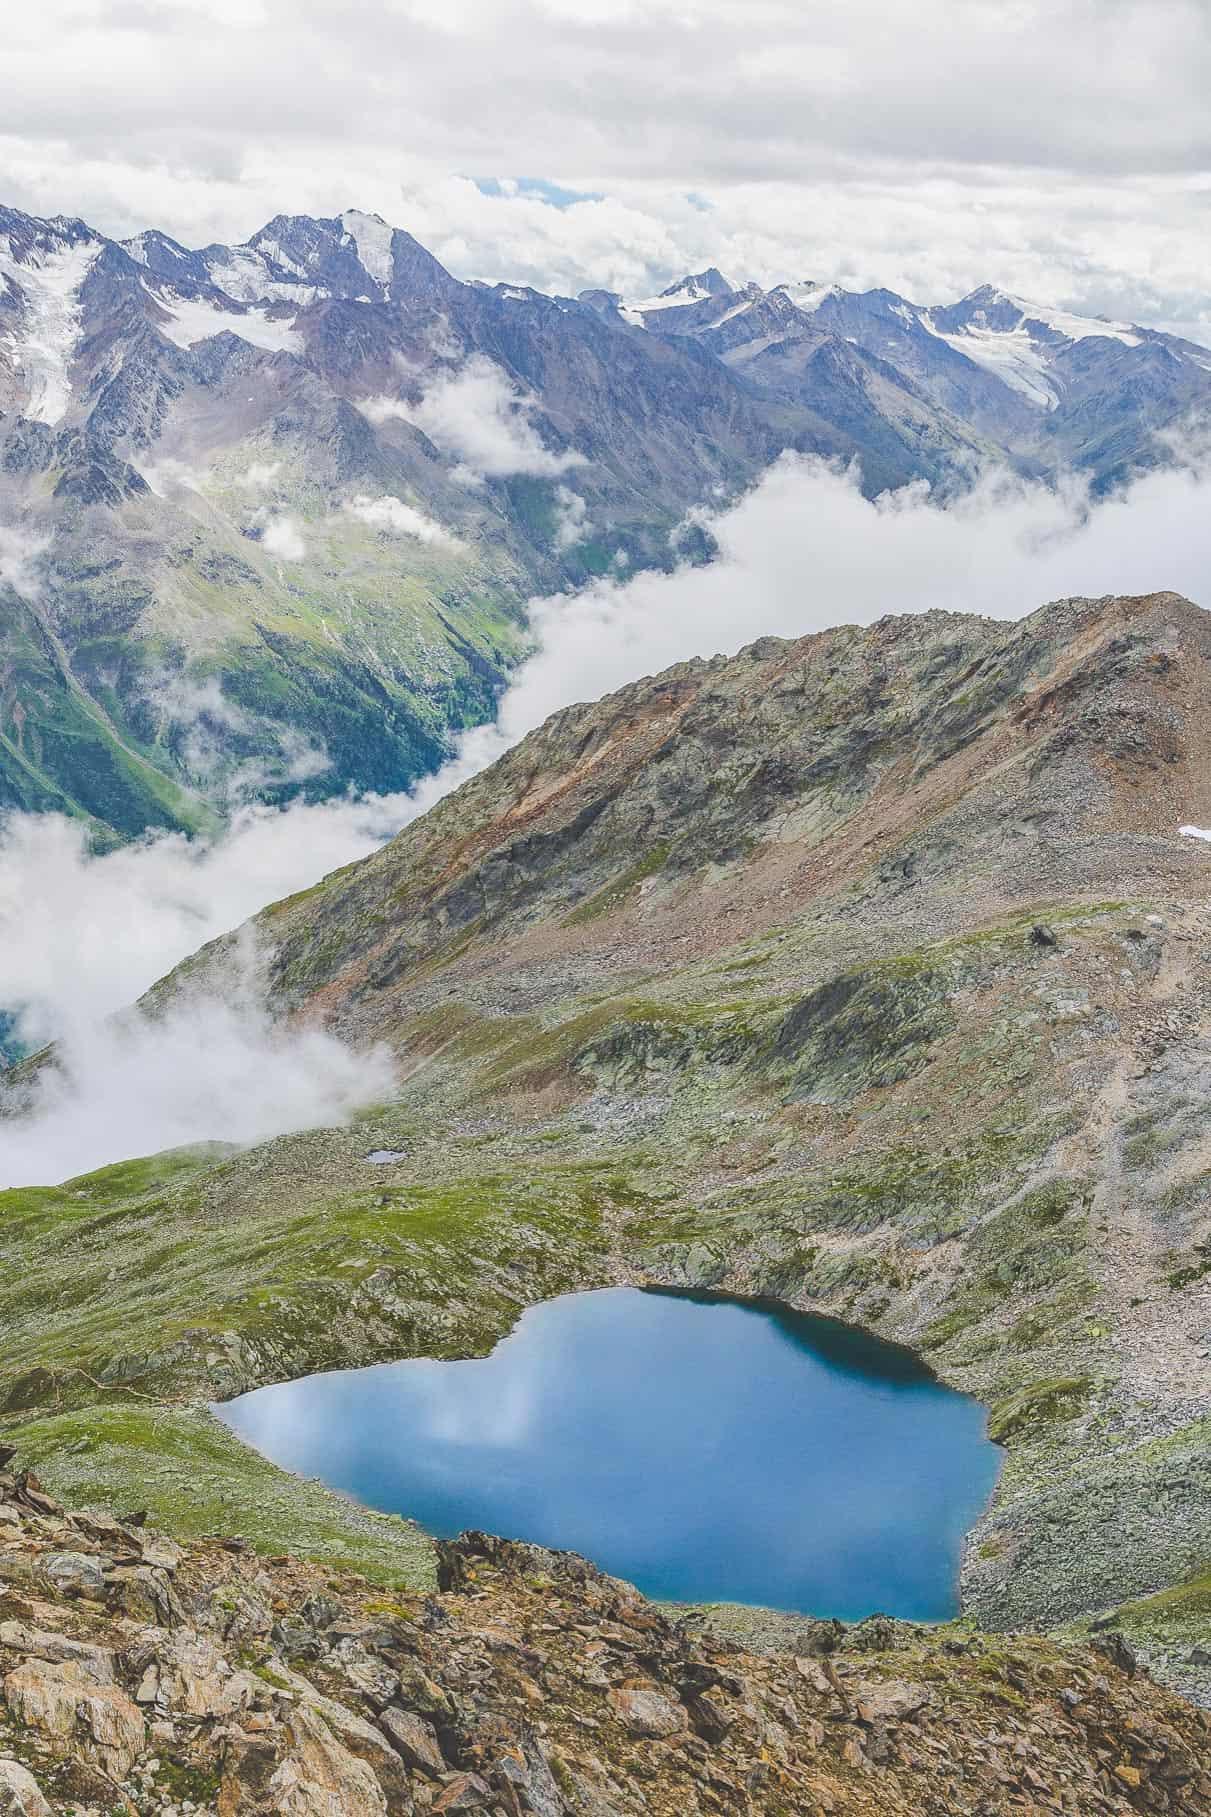 Gaislacher See Hikes in Austria